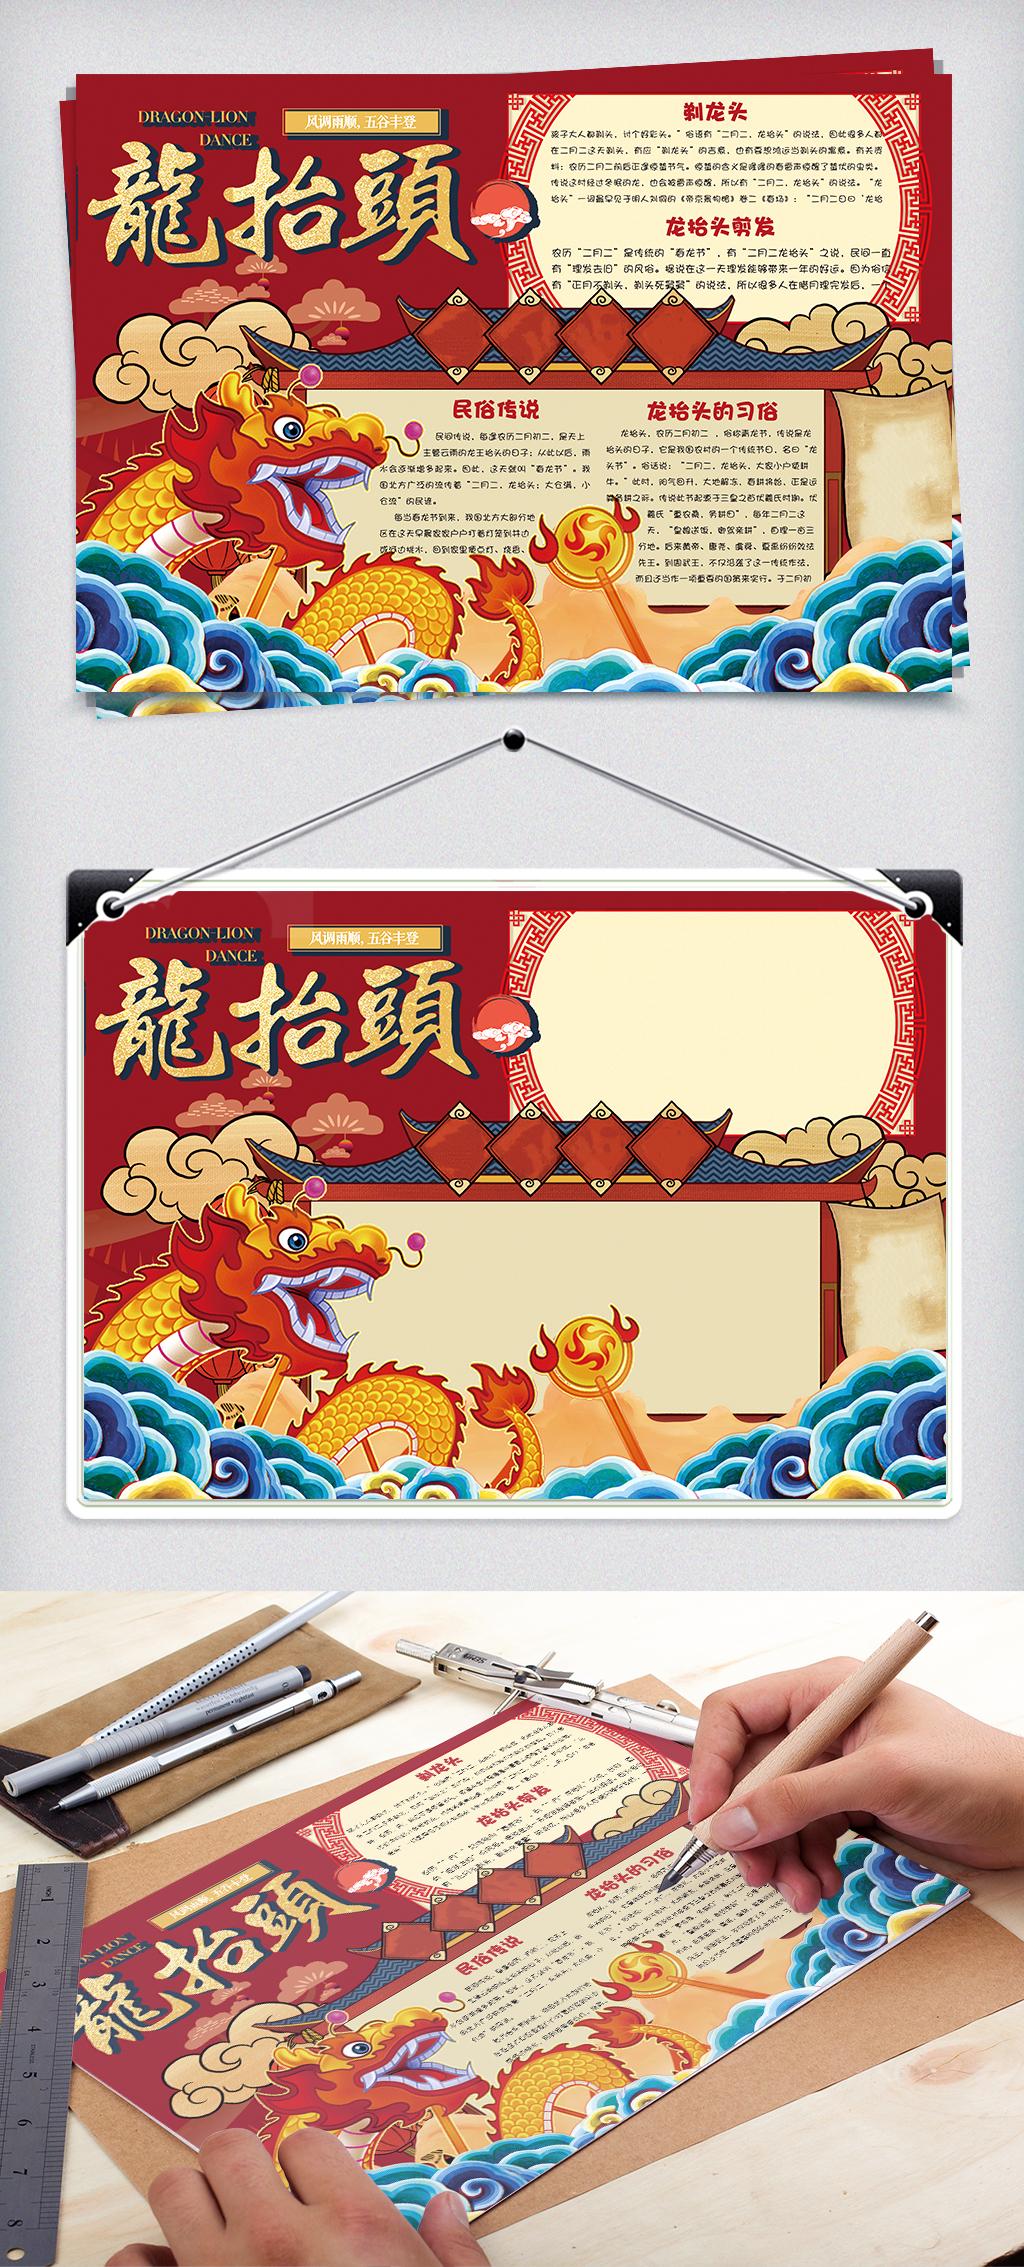 卡通手绘中国风二月二龙抬头学生新年小报手抄报模板1